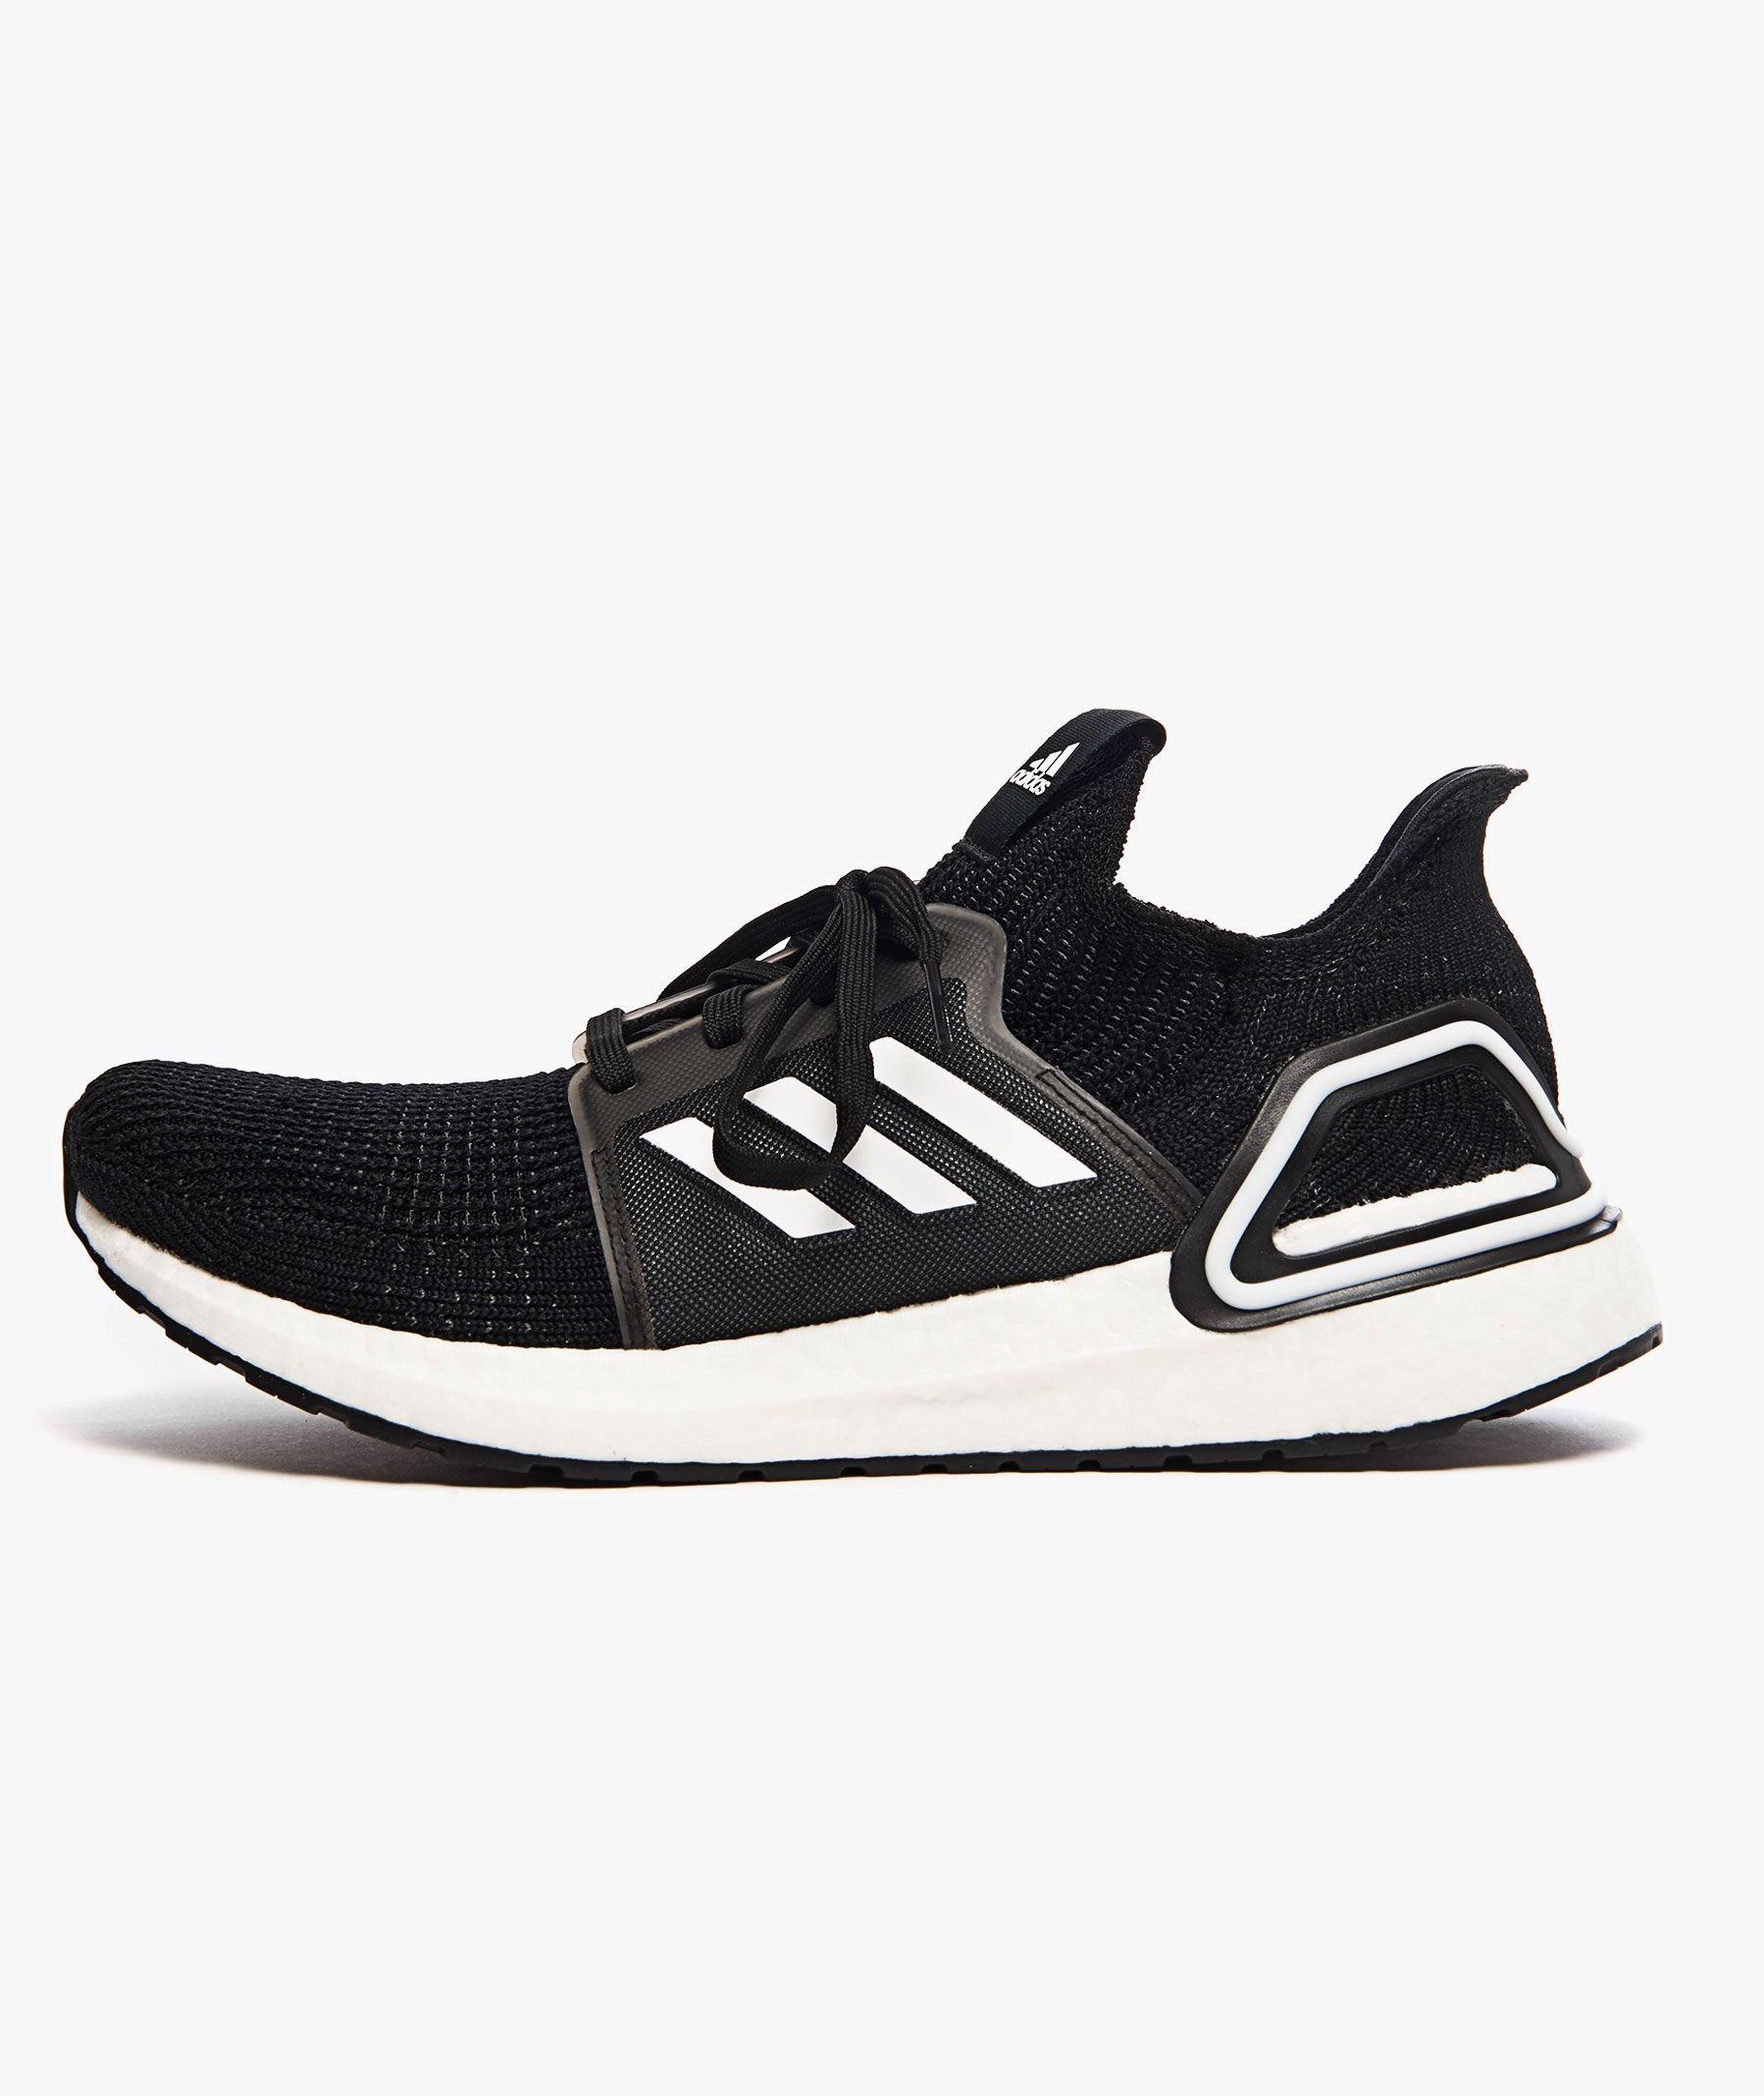 Chaussures de running adidas UltraBoost 19 U noir (du 40